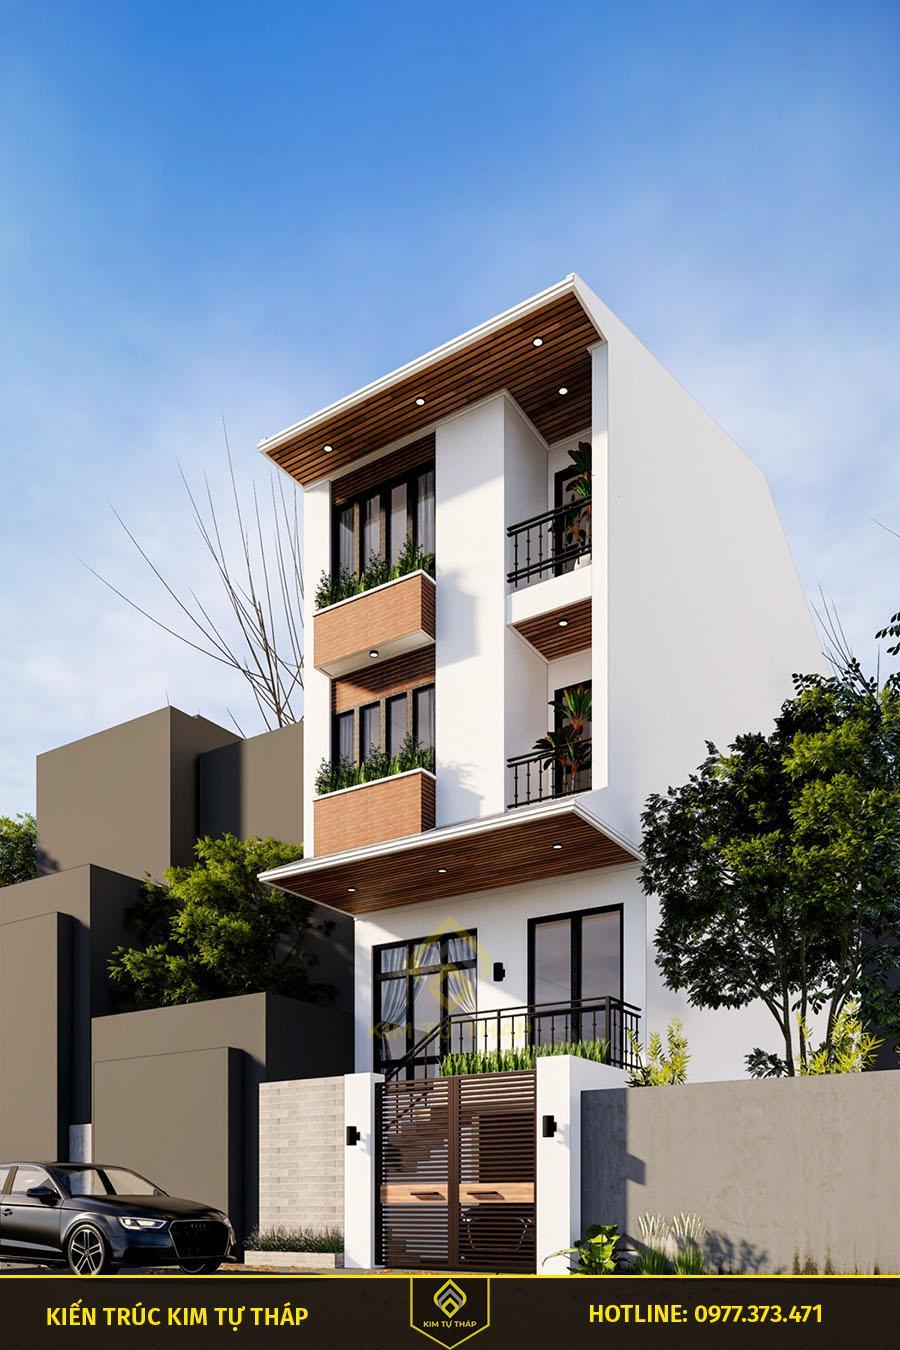 mẫu biệt thự phố tại HCM 3 tầng đẹp